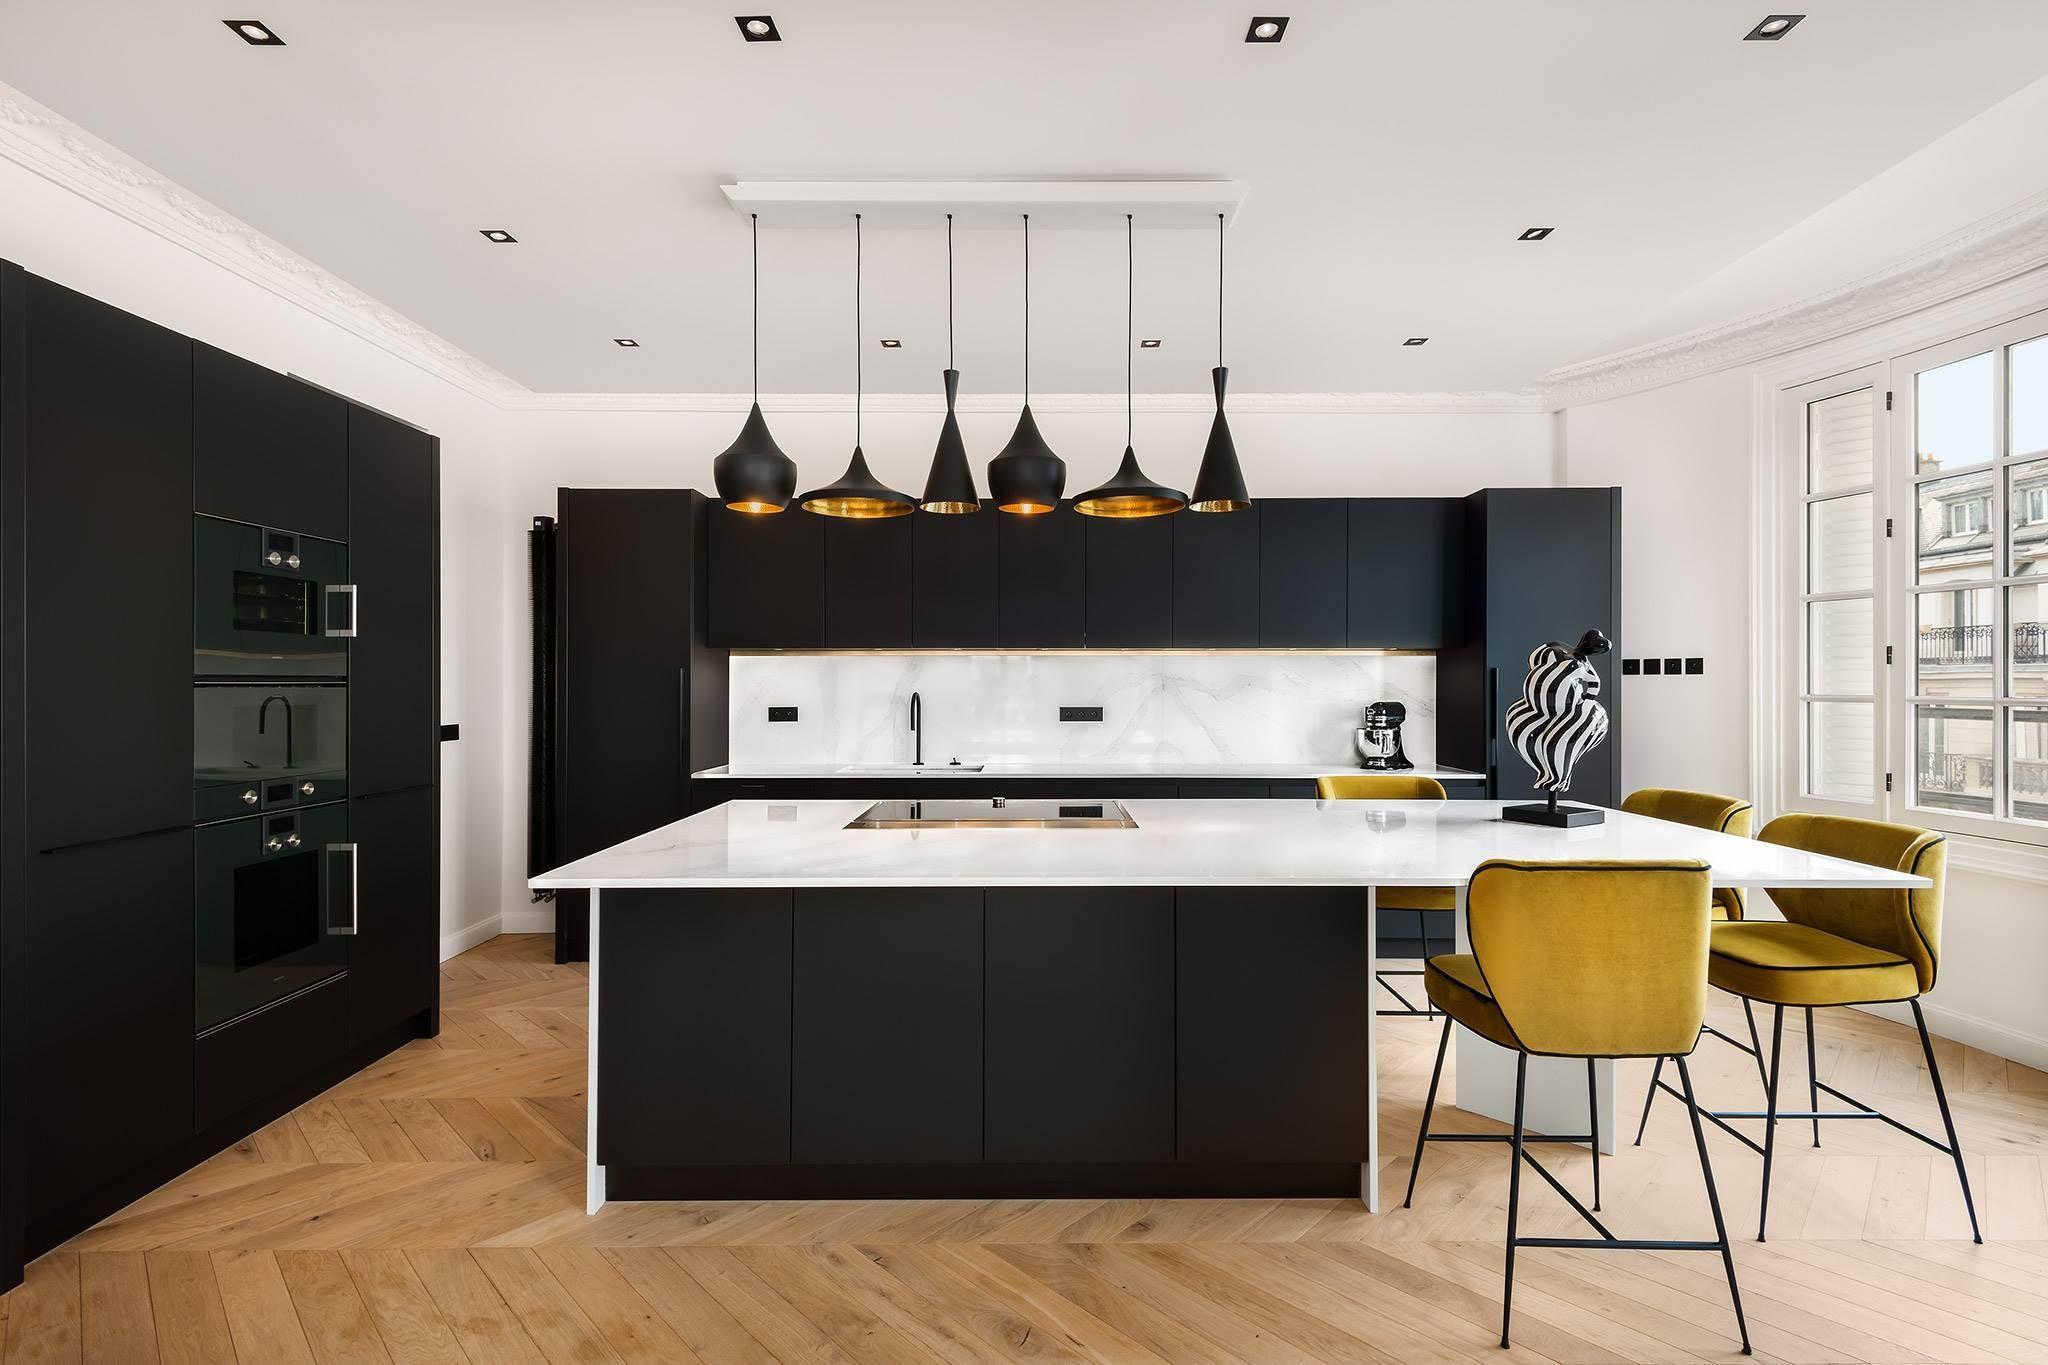 Cuisine Noire Et Bois Design Ouverte Avec îlot Plan De Travail Blanc Parquet Bois Pointe De Hongrie Ave Modern Kitchen Design Kitchen Modular Kitchen Design